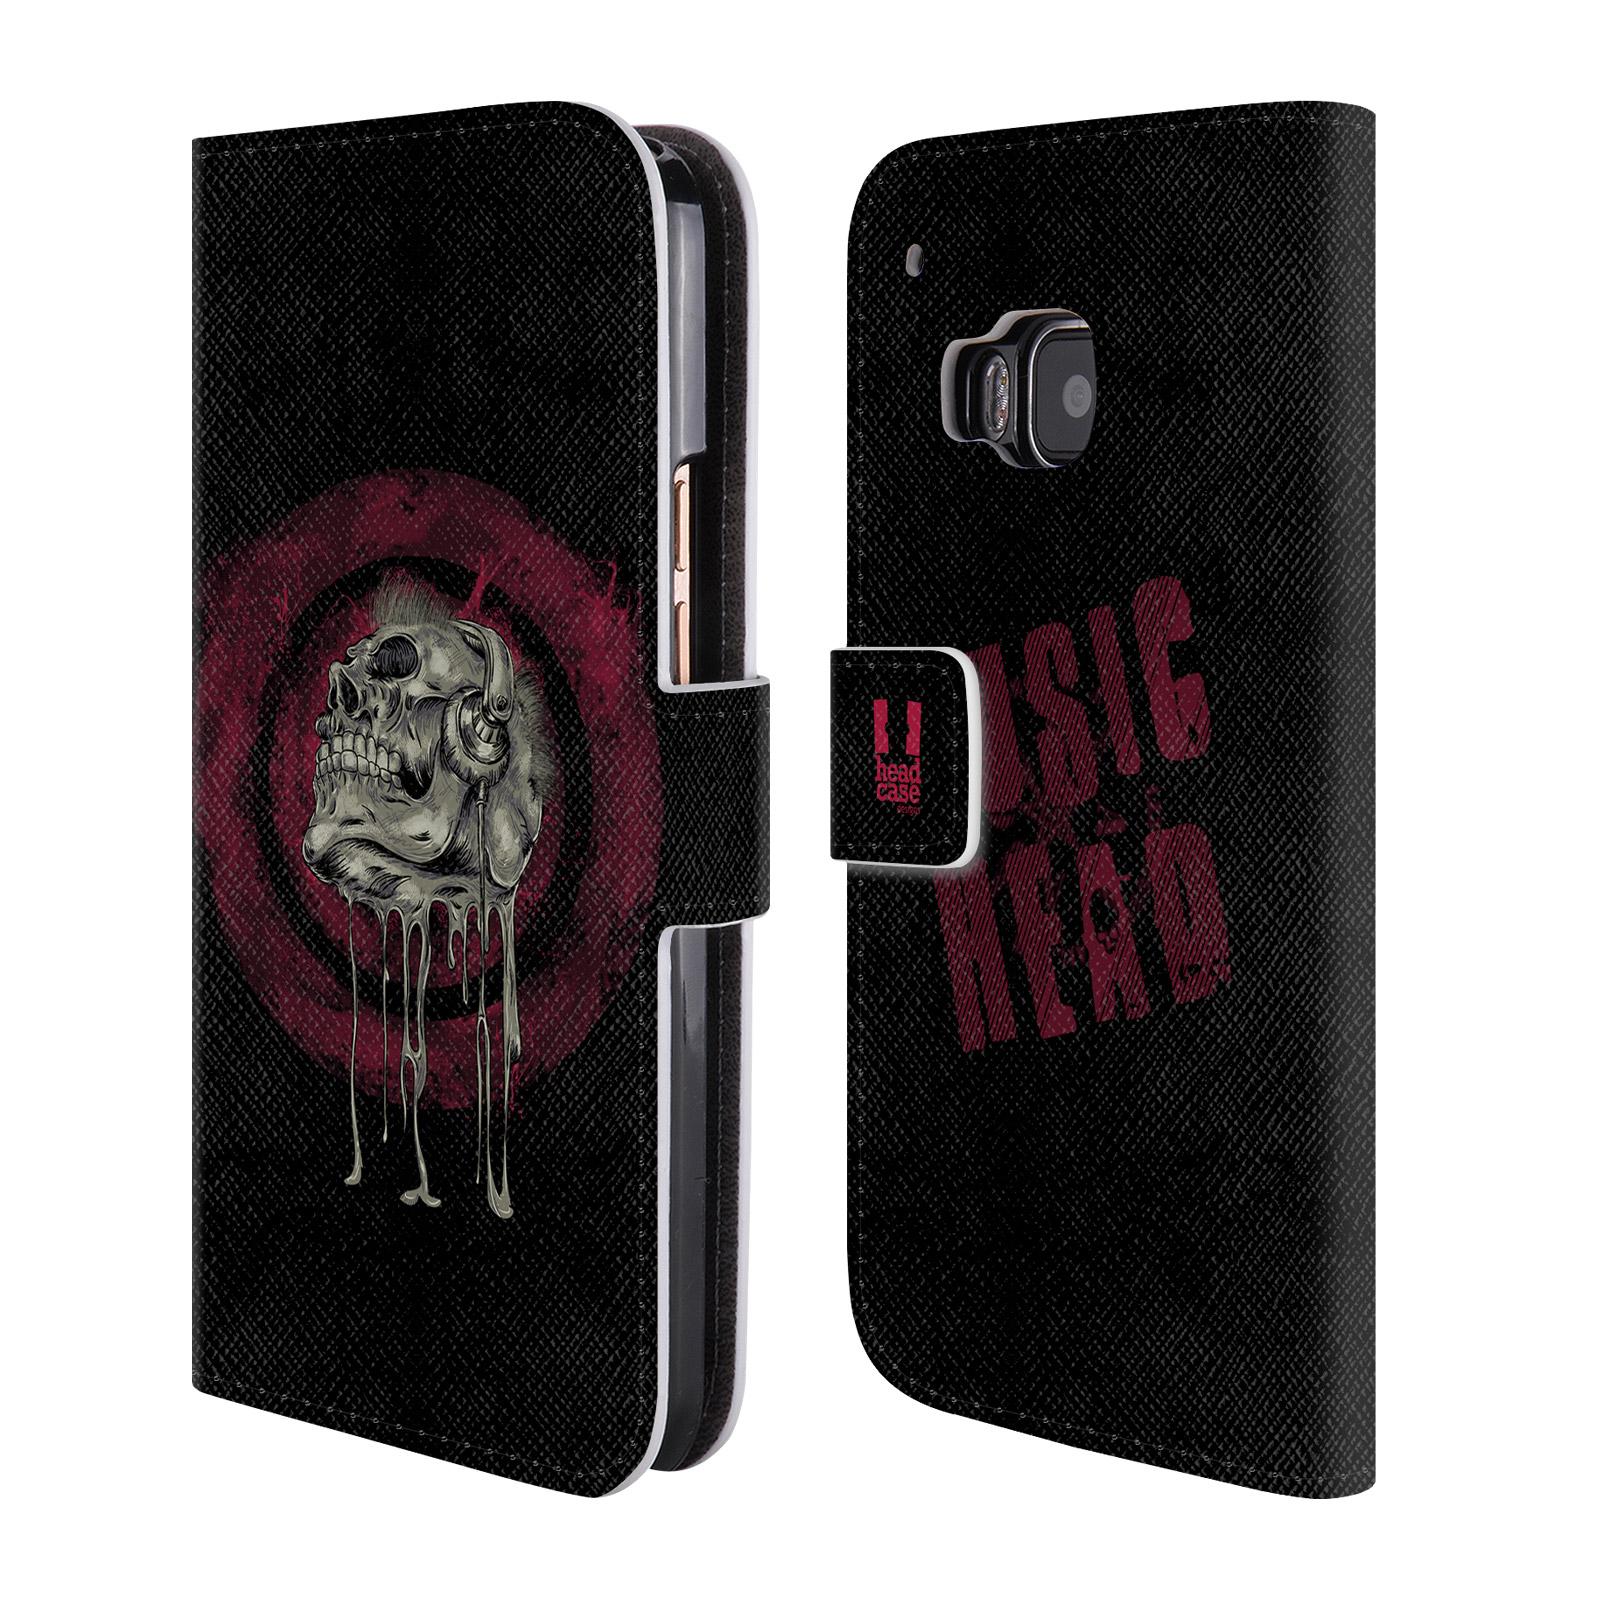 Flipové pouzdro na mobil HTC One M9 HEAD CASE Rocková lebka (Flipový vyklápěcí kryt či obal z umělé kůže na mobilní telefon HTC One M9)